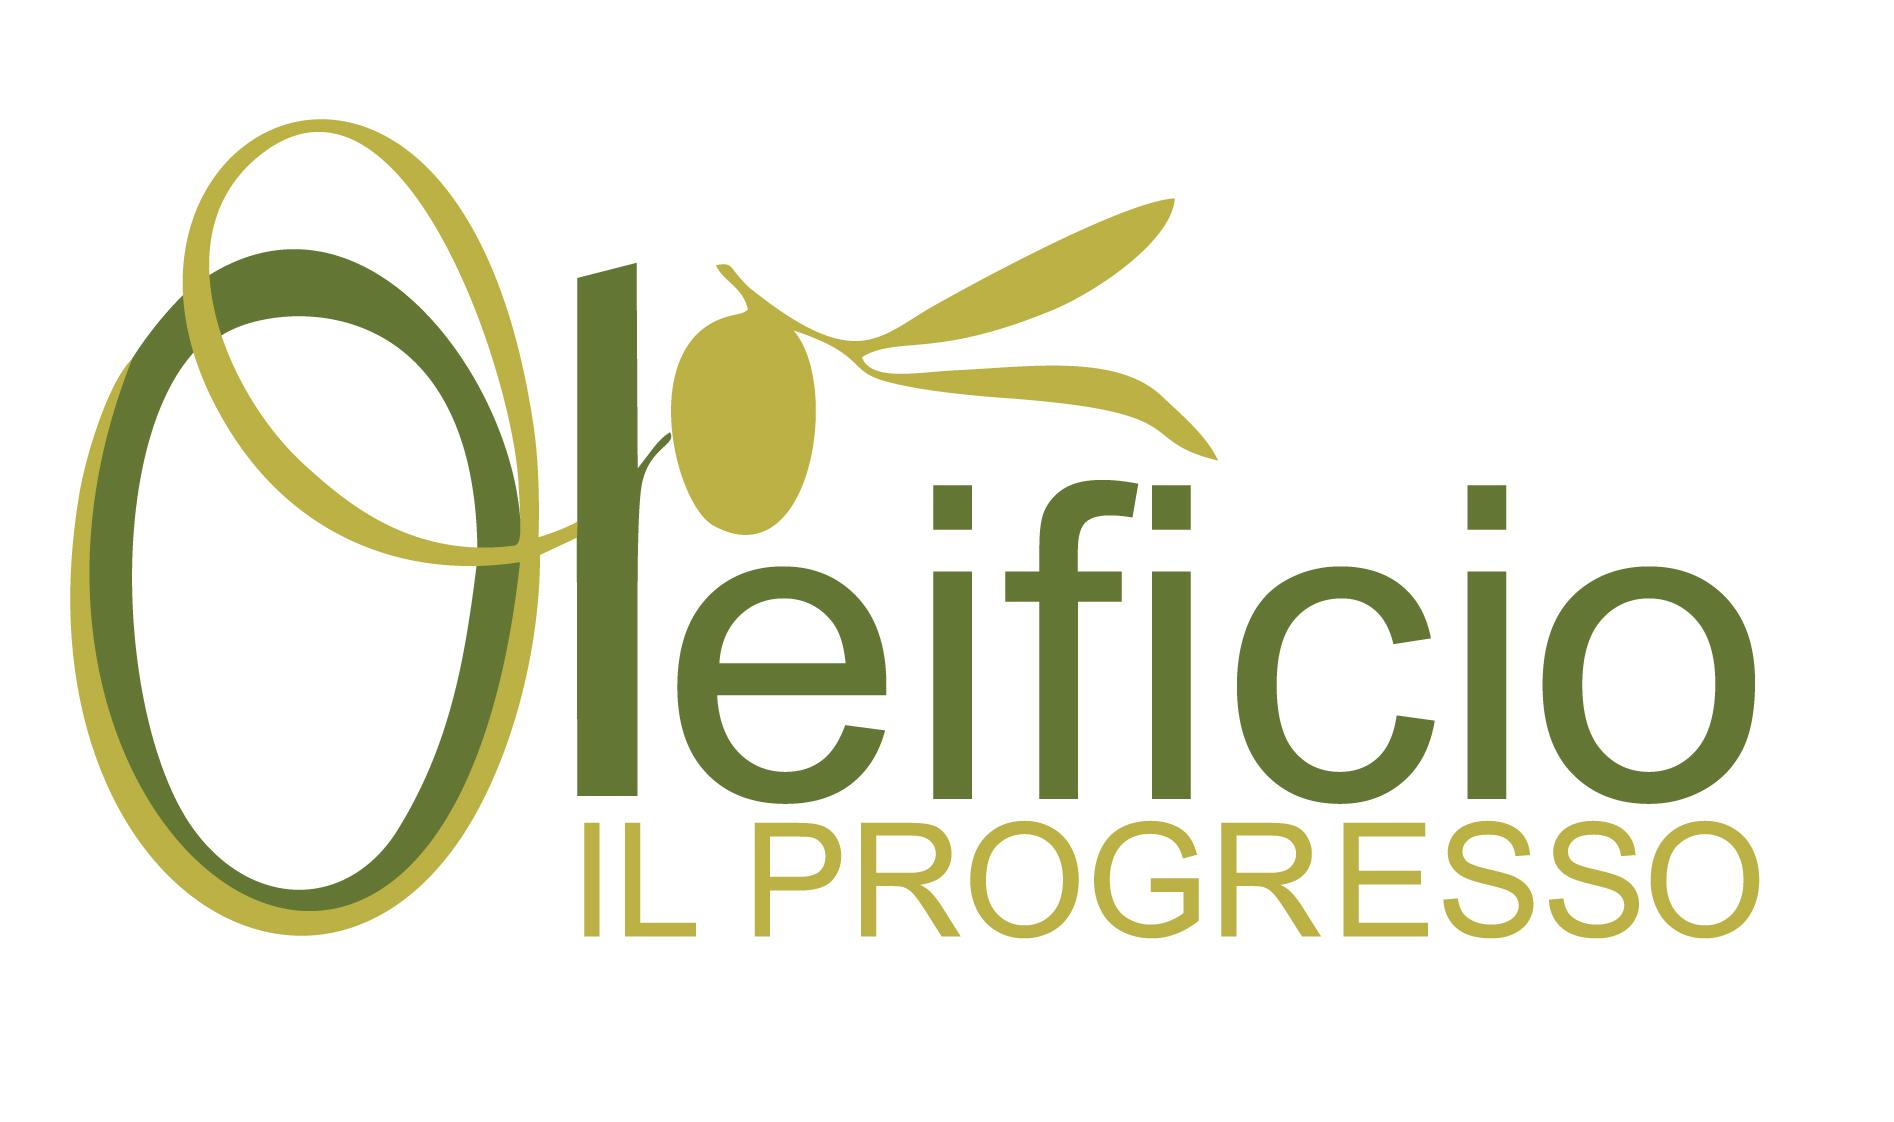 Logo OleificioIlProgresso.png